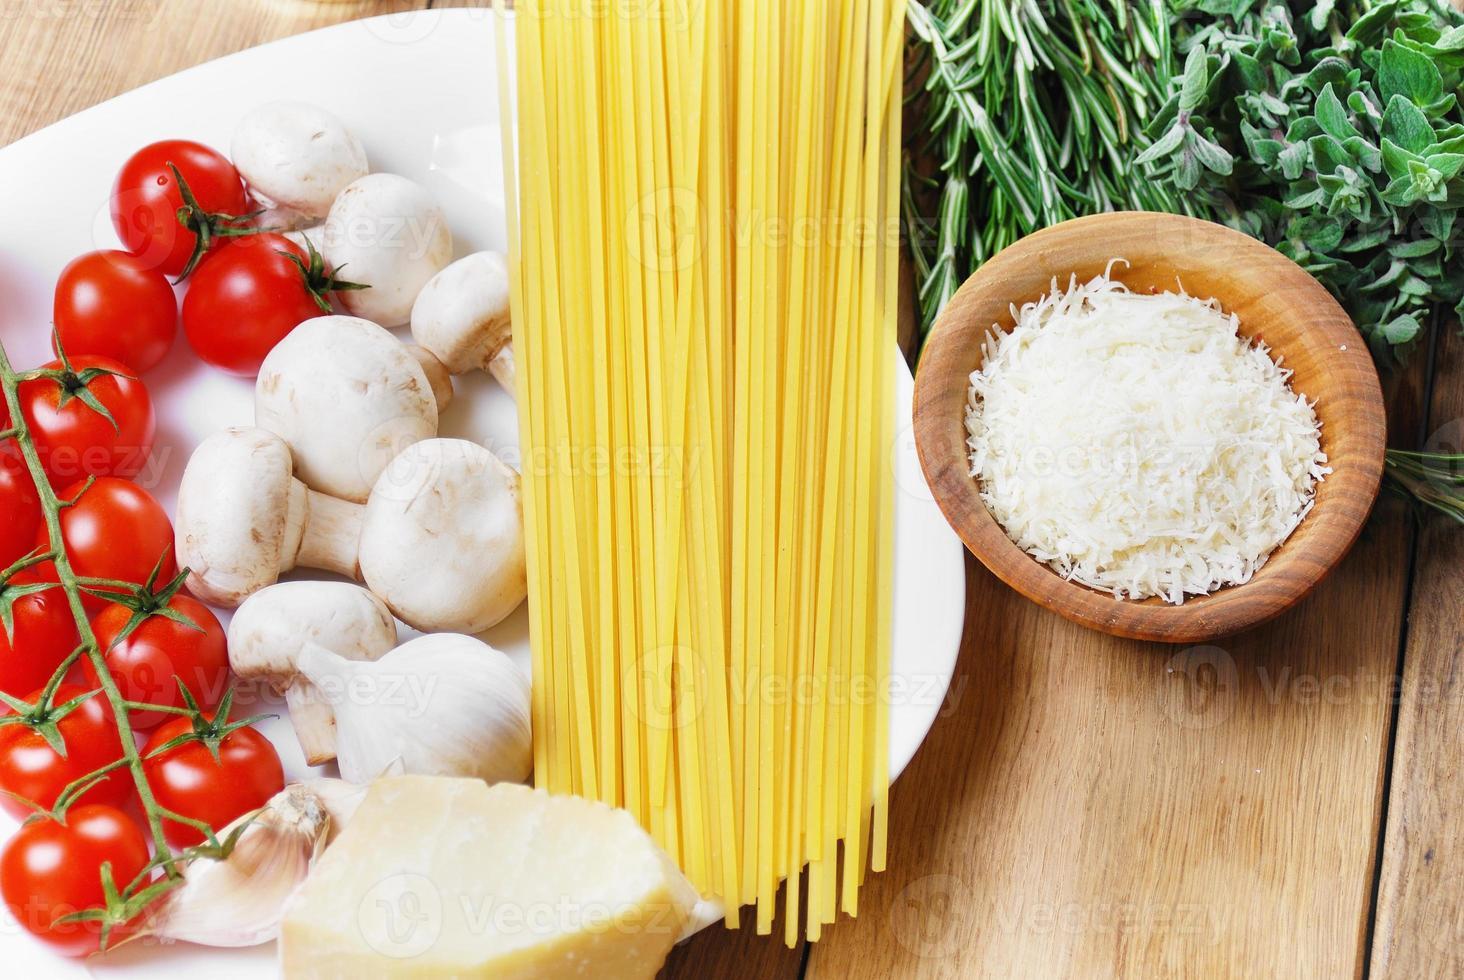 ingredientes de pasta en la mesa de madera foto